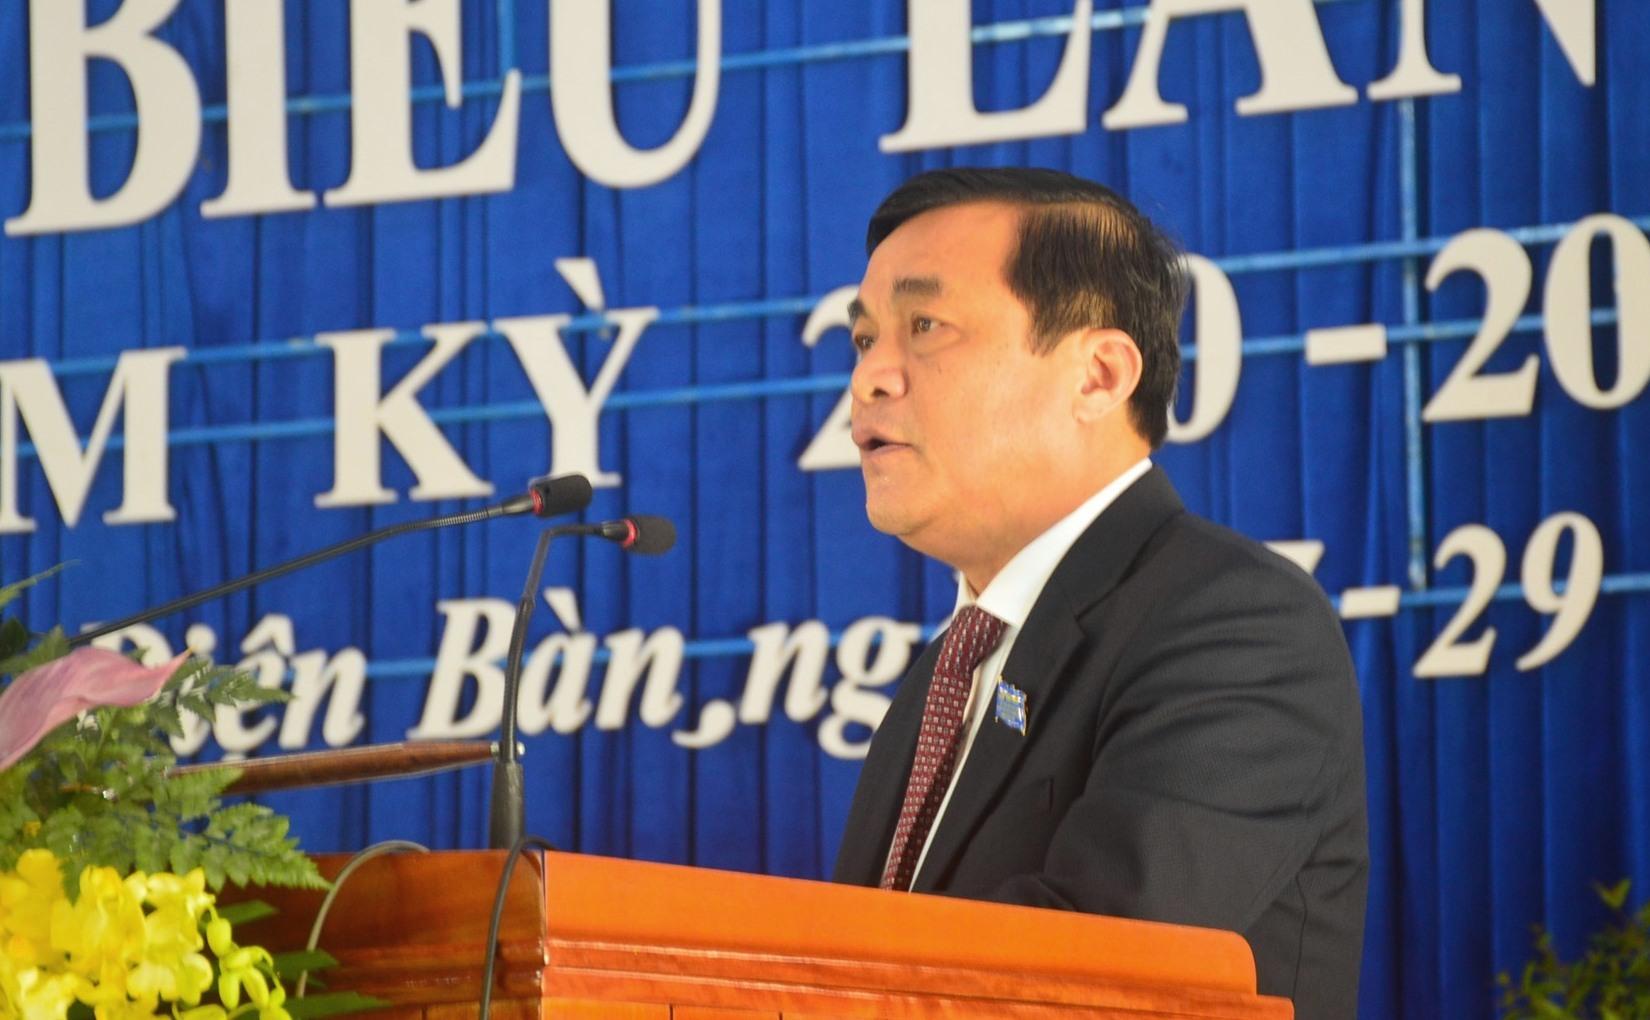 Bí thư Tỉnh ủy Phan Việt Cường phát biểu chỉ đạo tại đại hội. Ảnh: Q.T